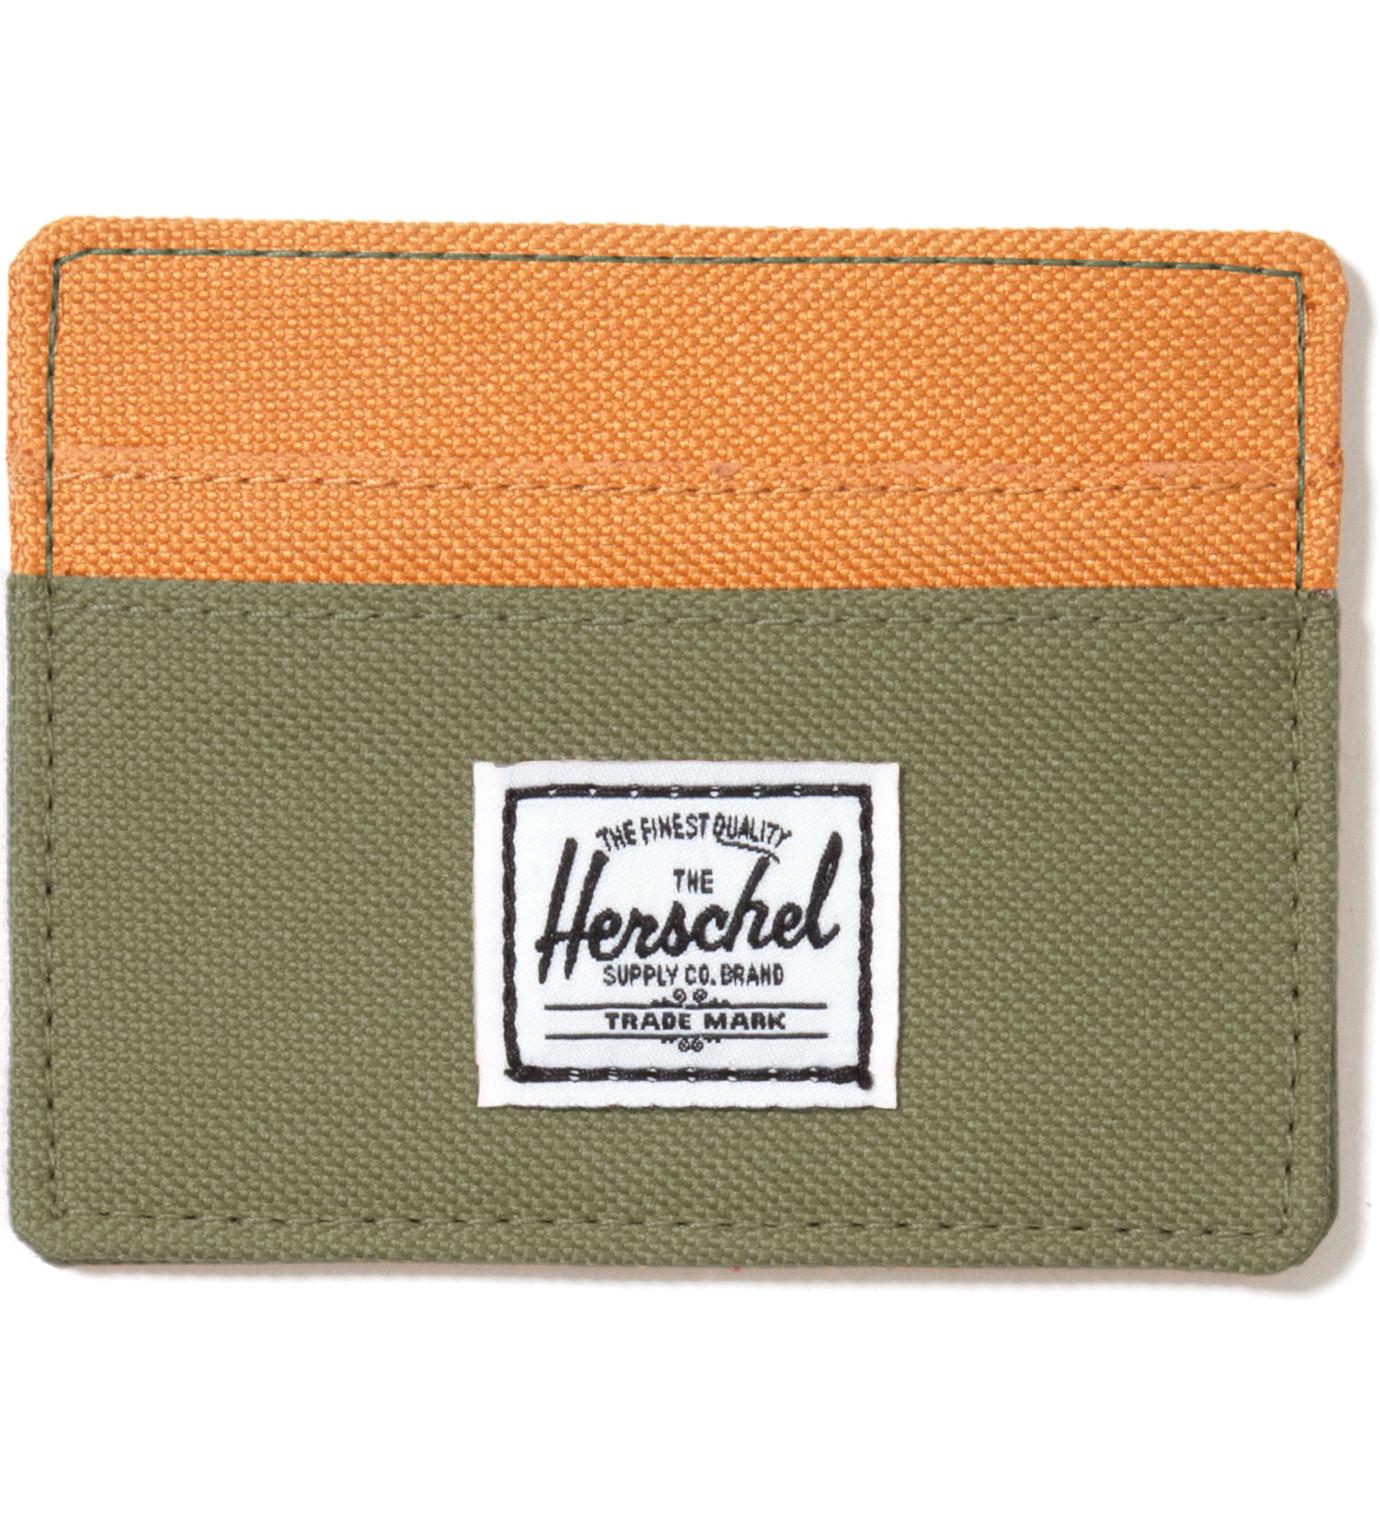 Herschel Supply Co. Olive Drab Charlie Card Holder